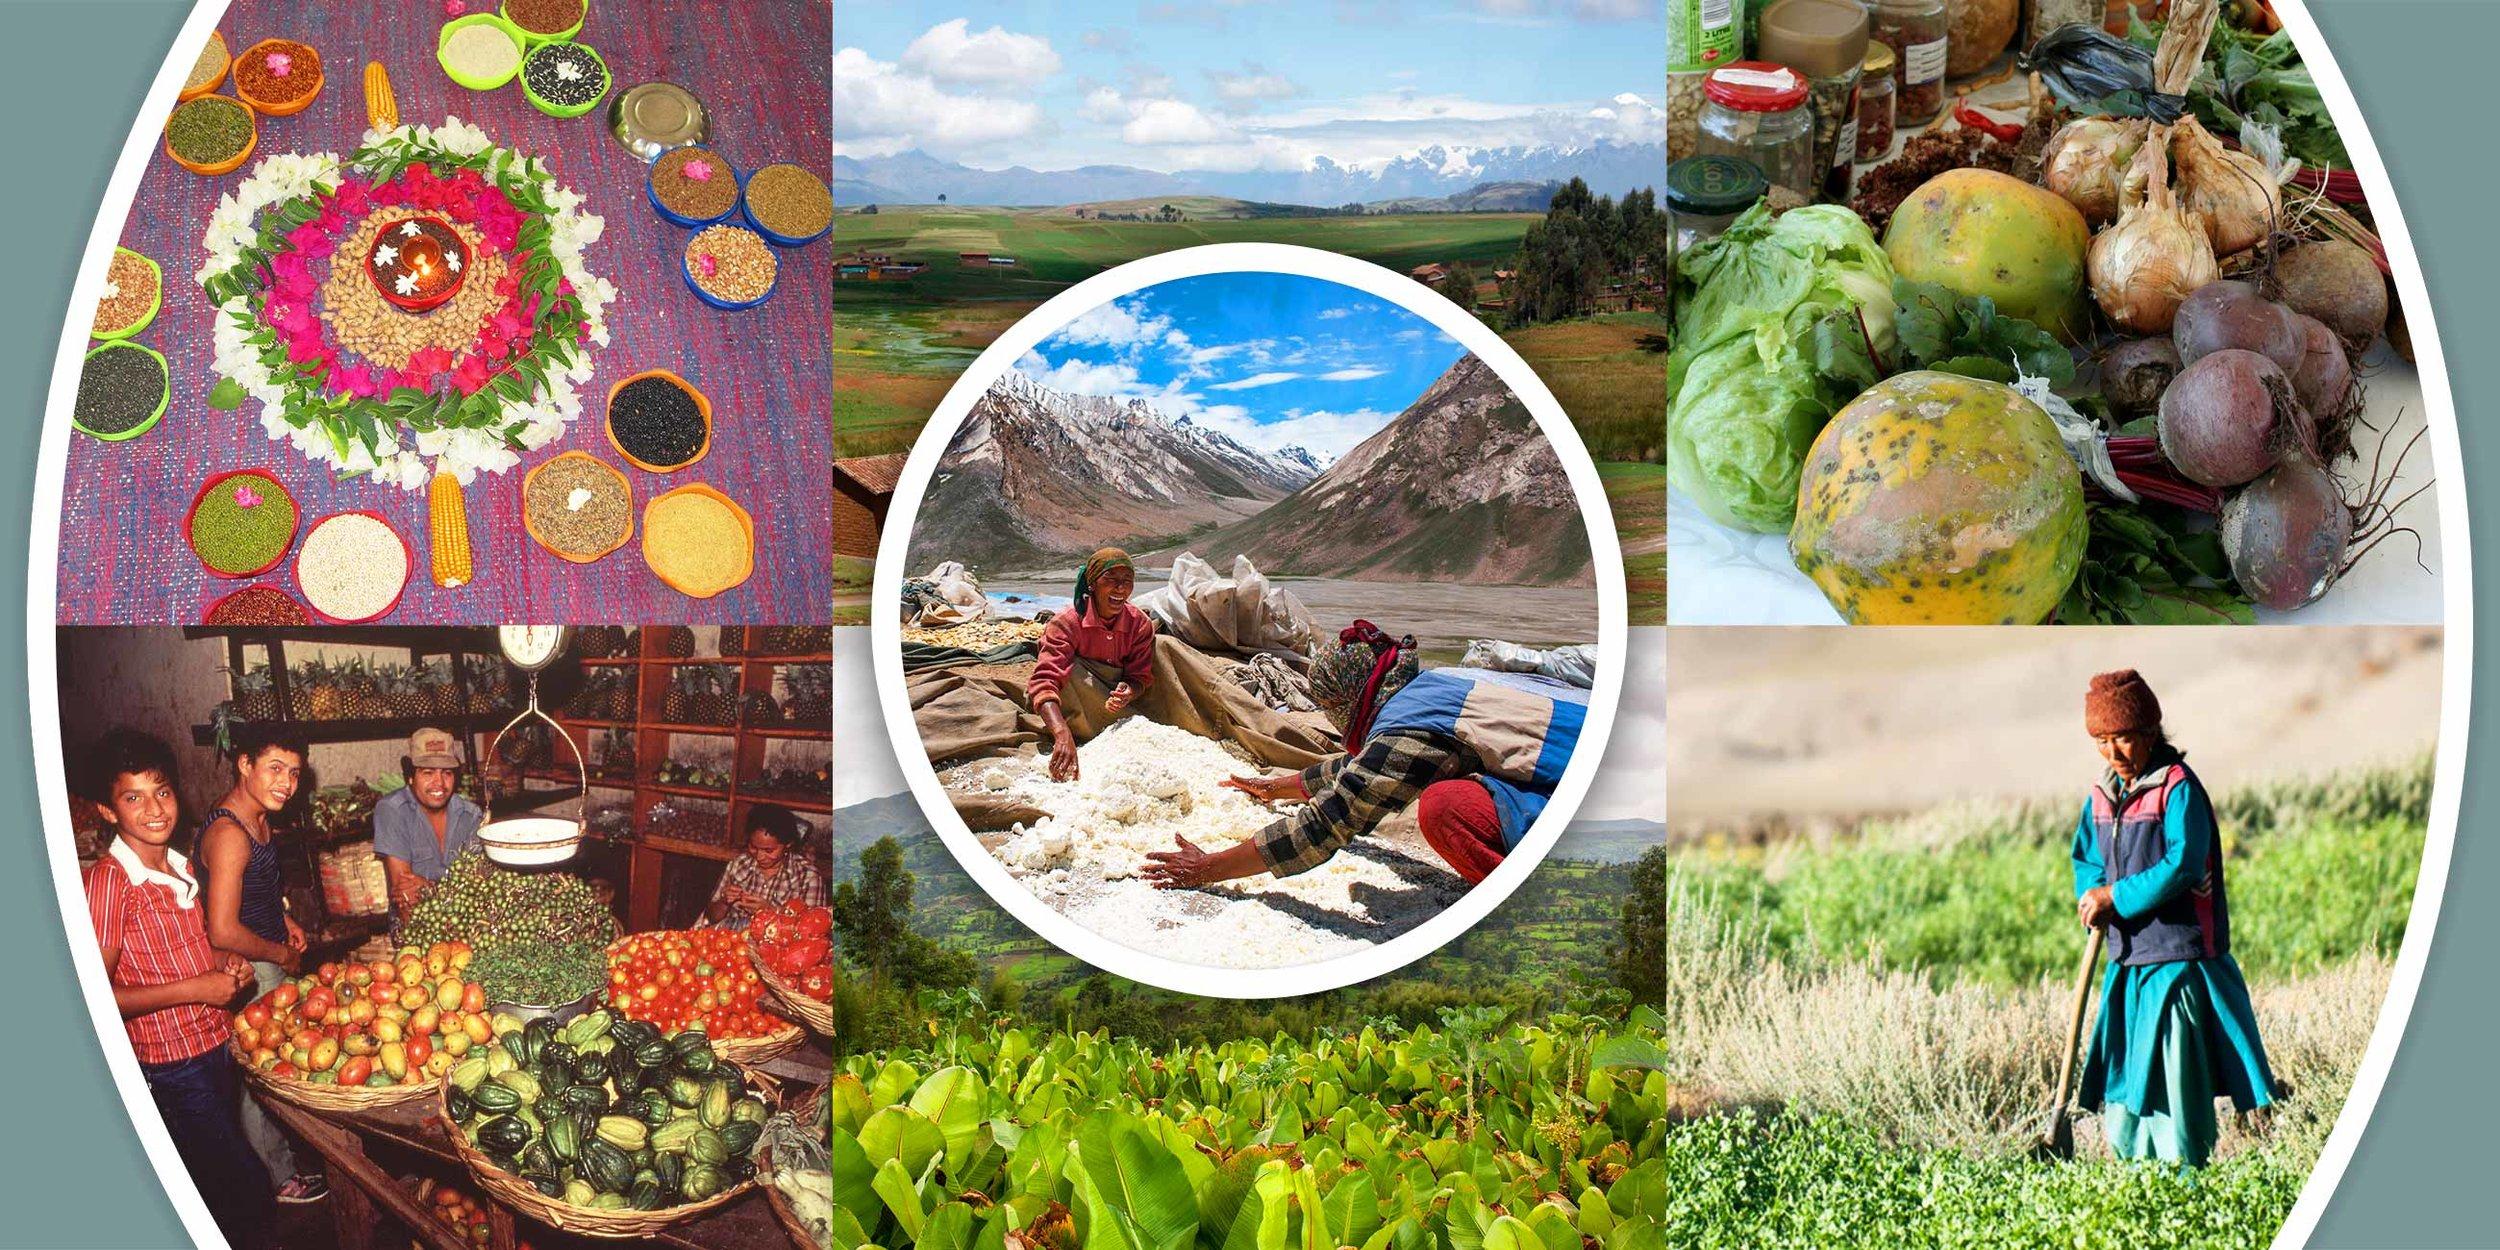 agroecology-fund-banner.jpg